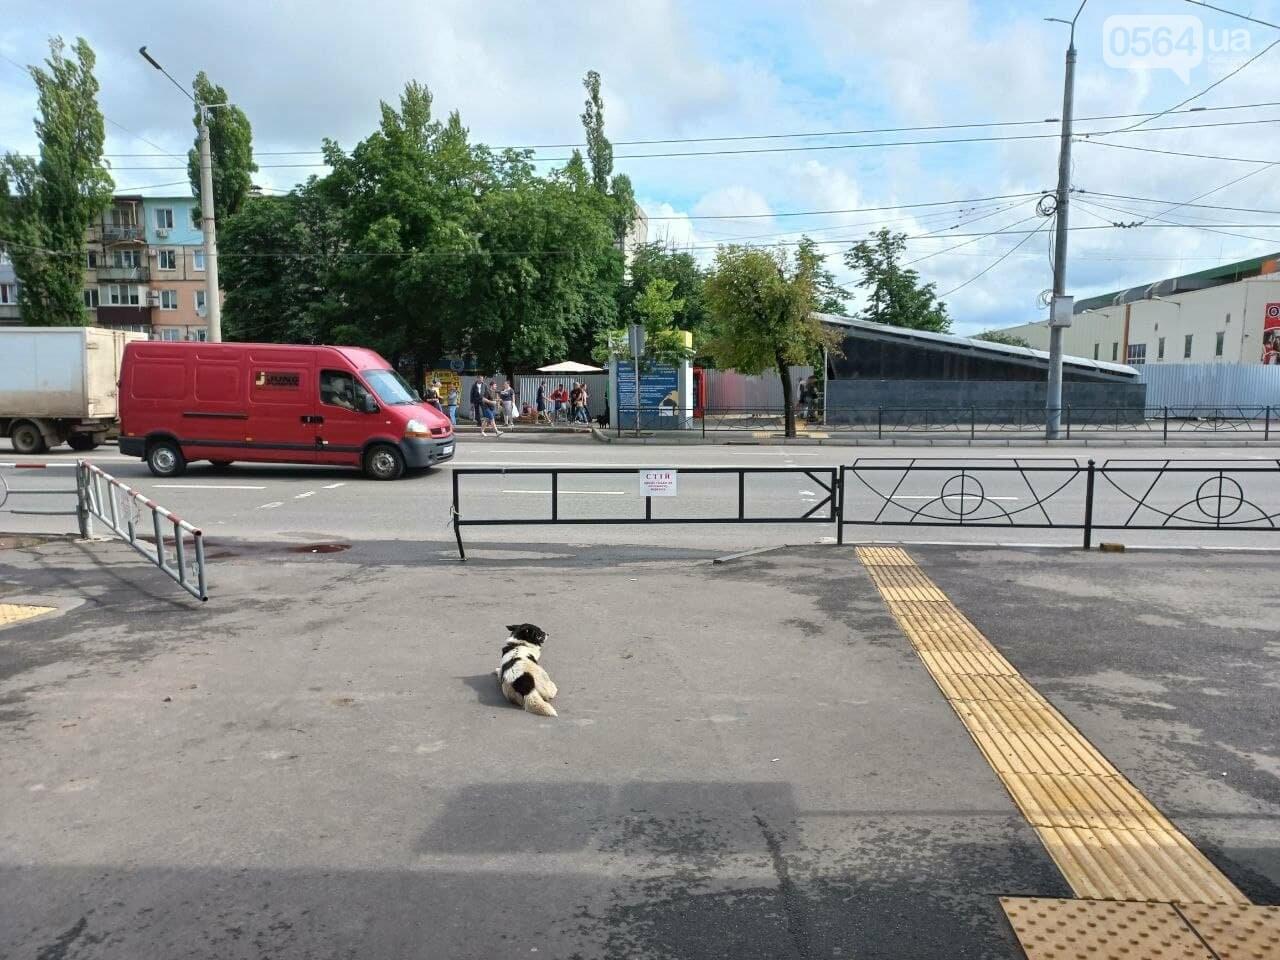 Возле Центрального рынка в Кривом Роге закрыли наземный переход и открыли подземный, - ФОТО, фото-13